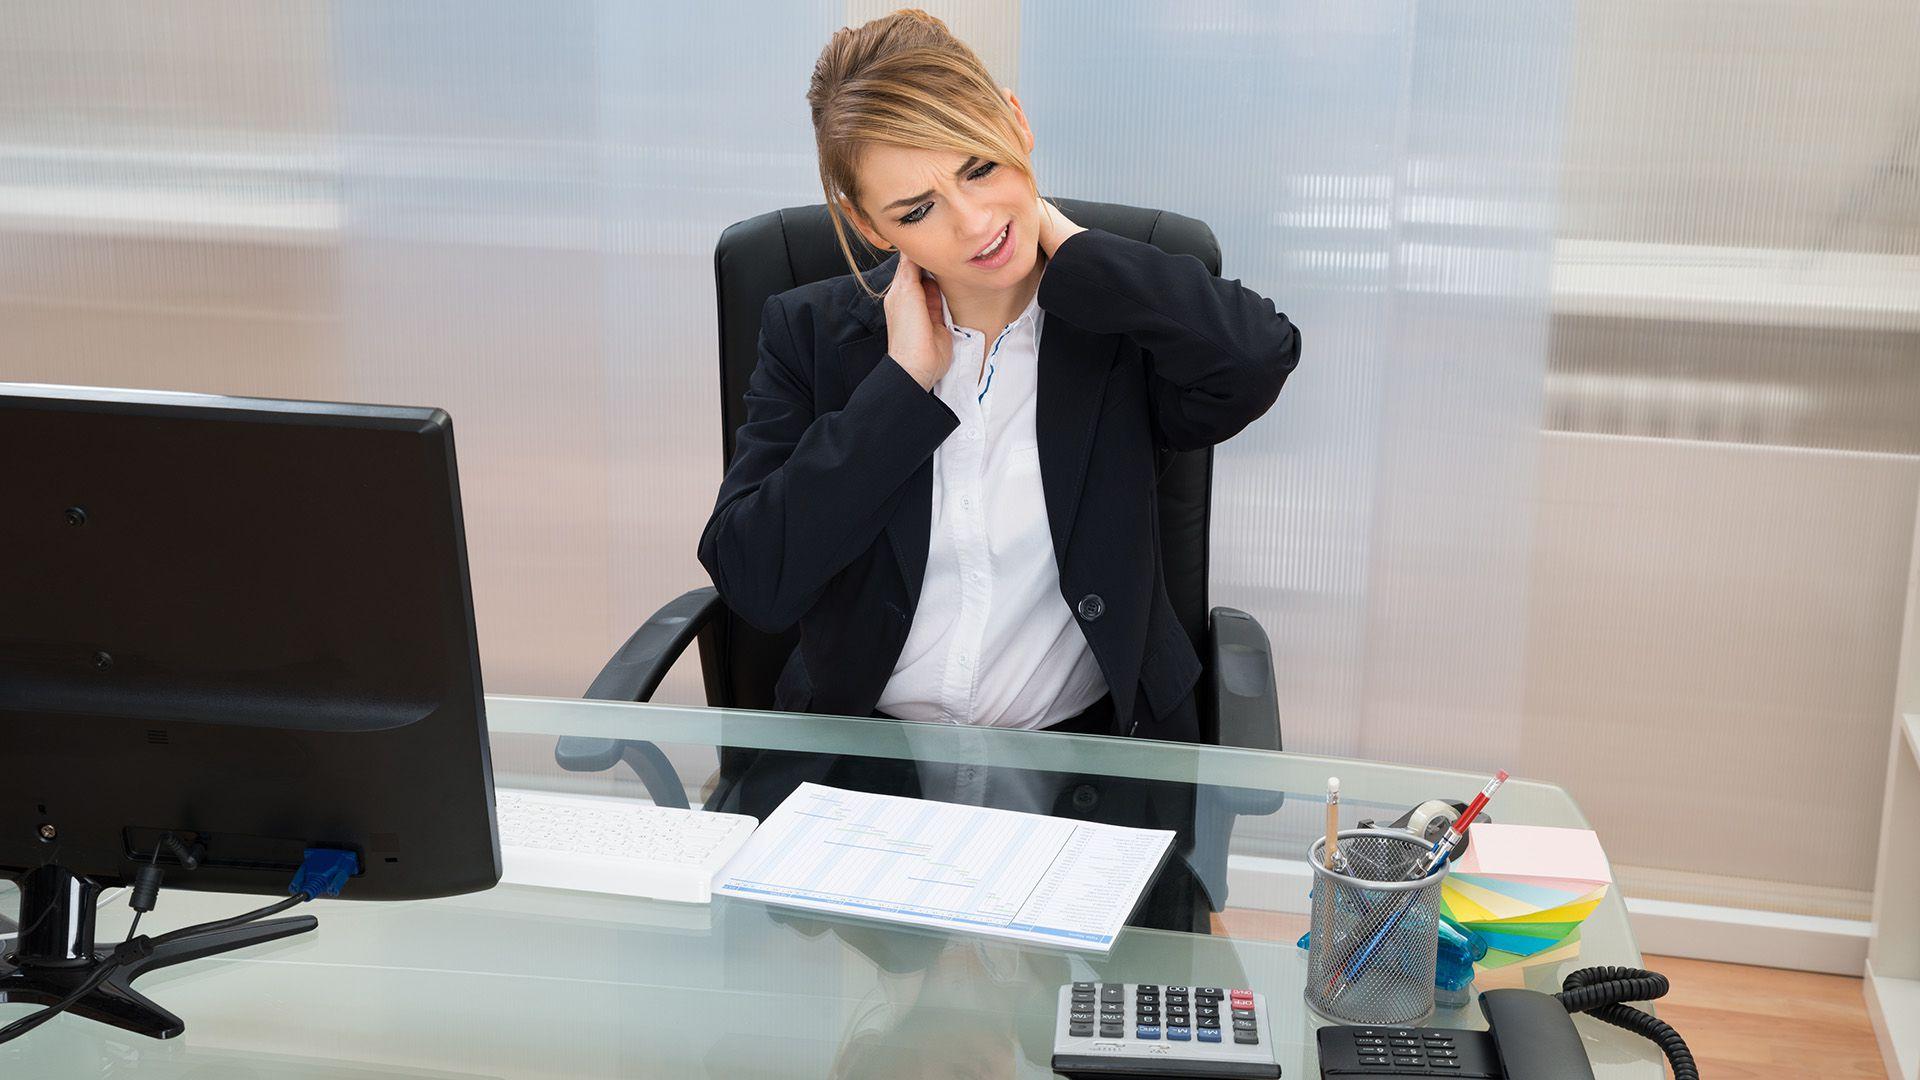 La pausa activa consiste en un conjunto de ejercicios físicos, que no llevan más de cinco a diez minutos (Shutterstock)